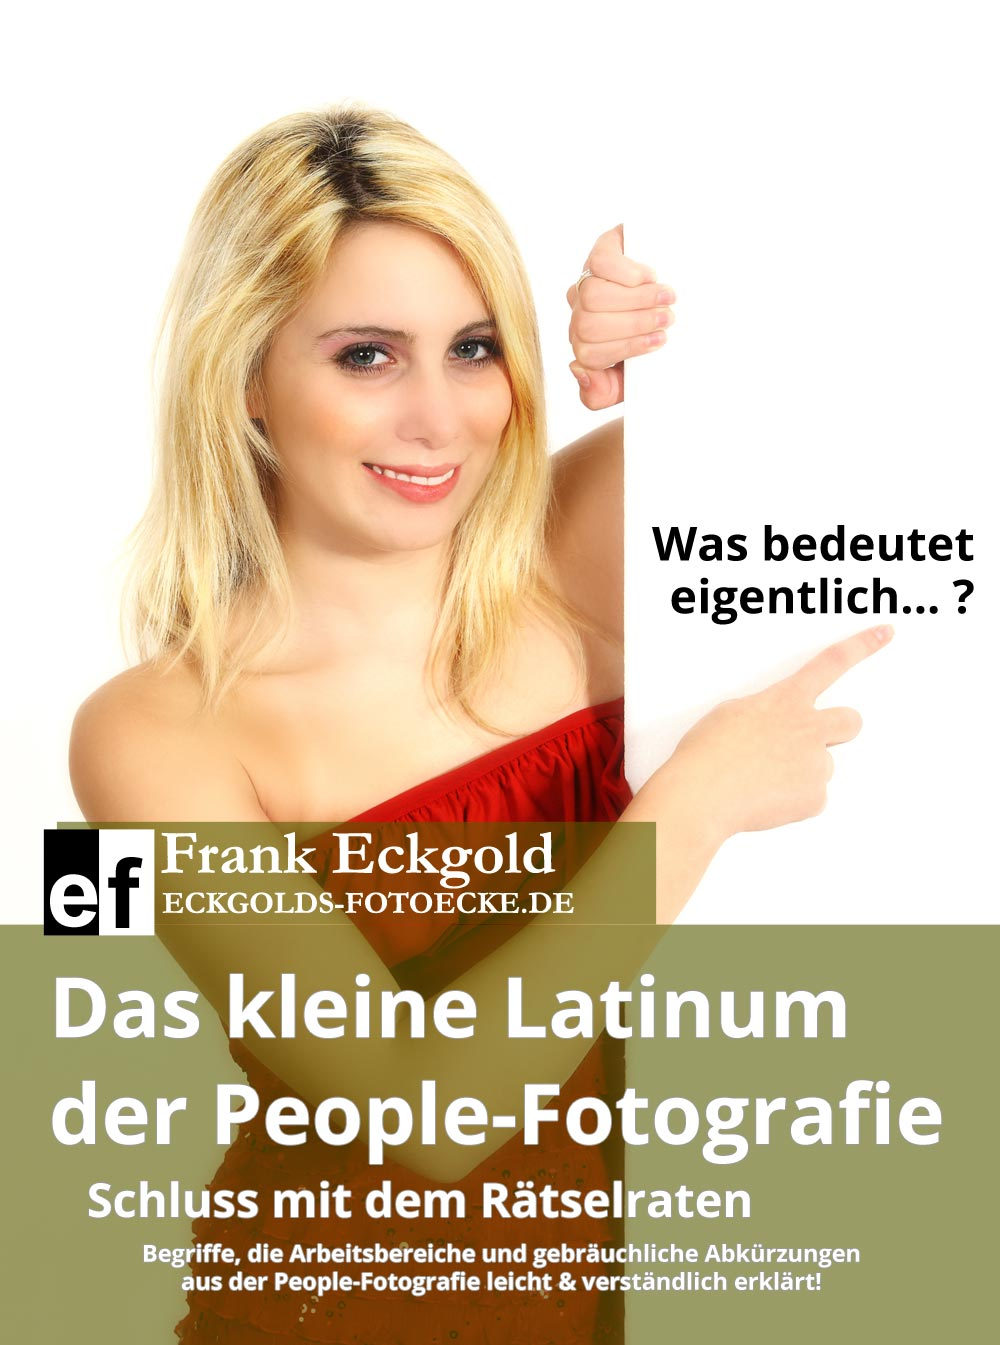 eckgolds fotoecke